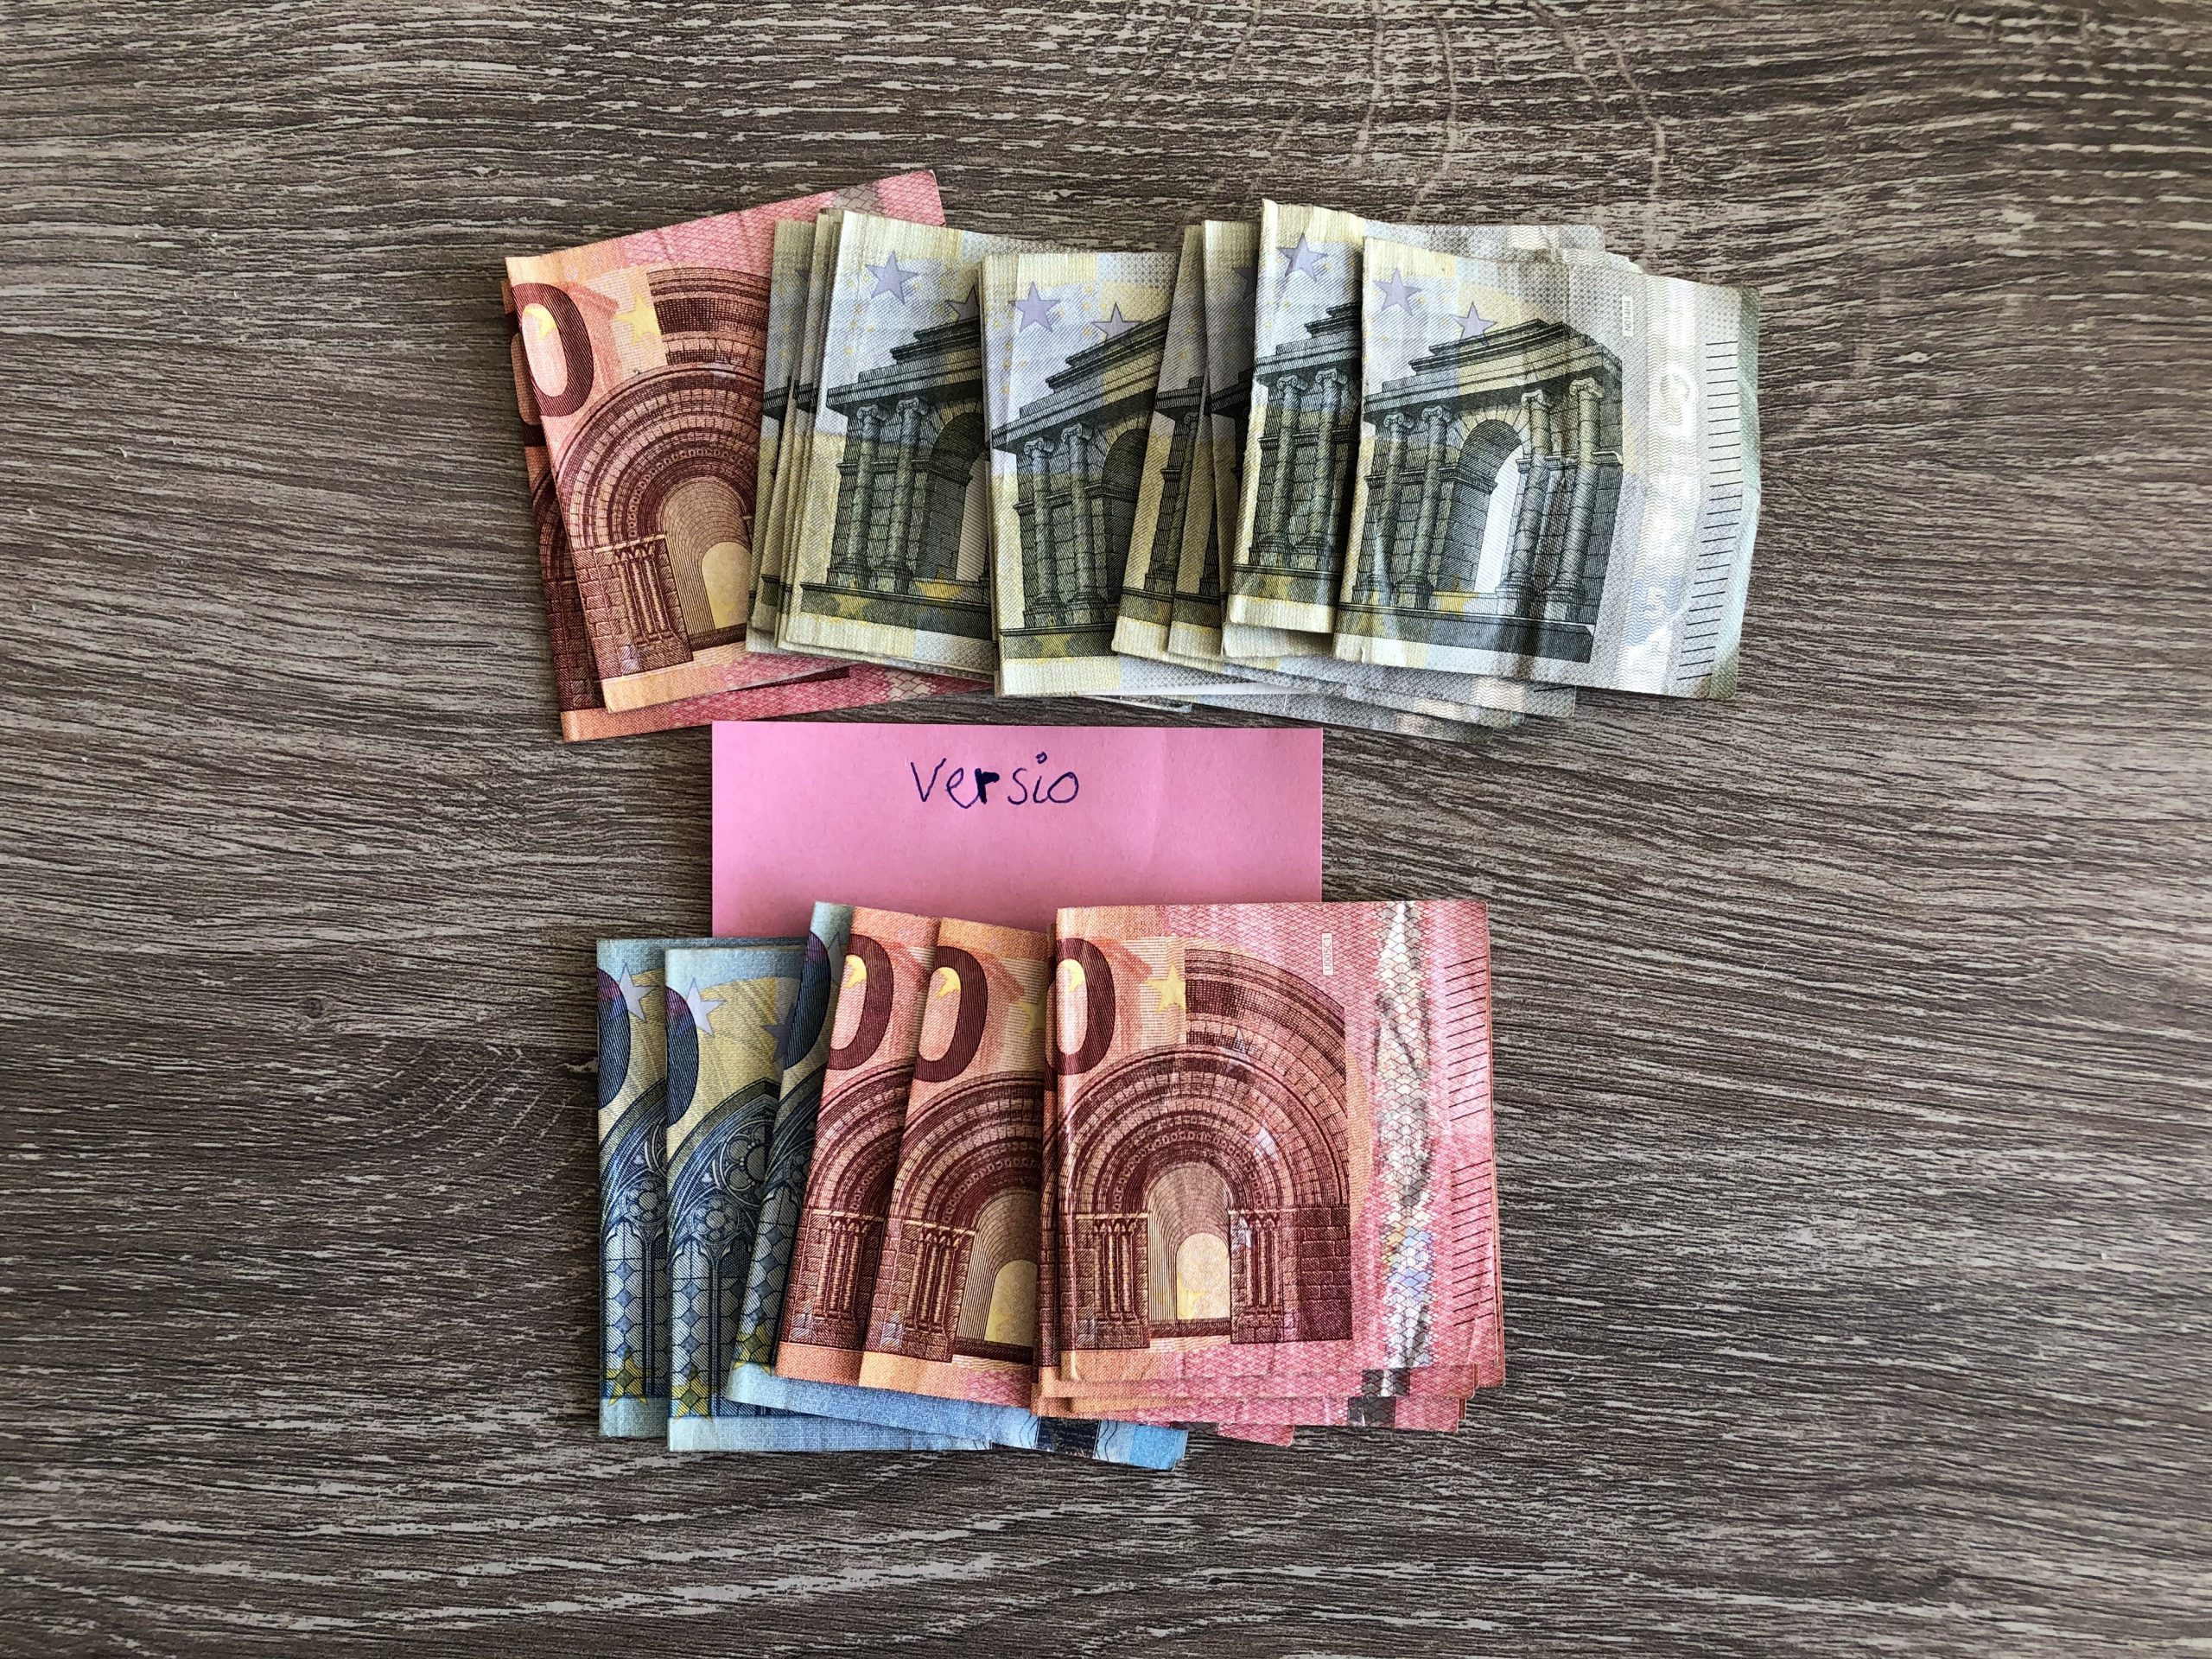 Geld verdienen met Versio